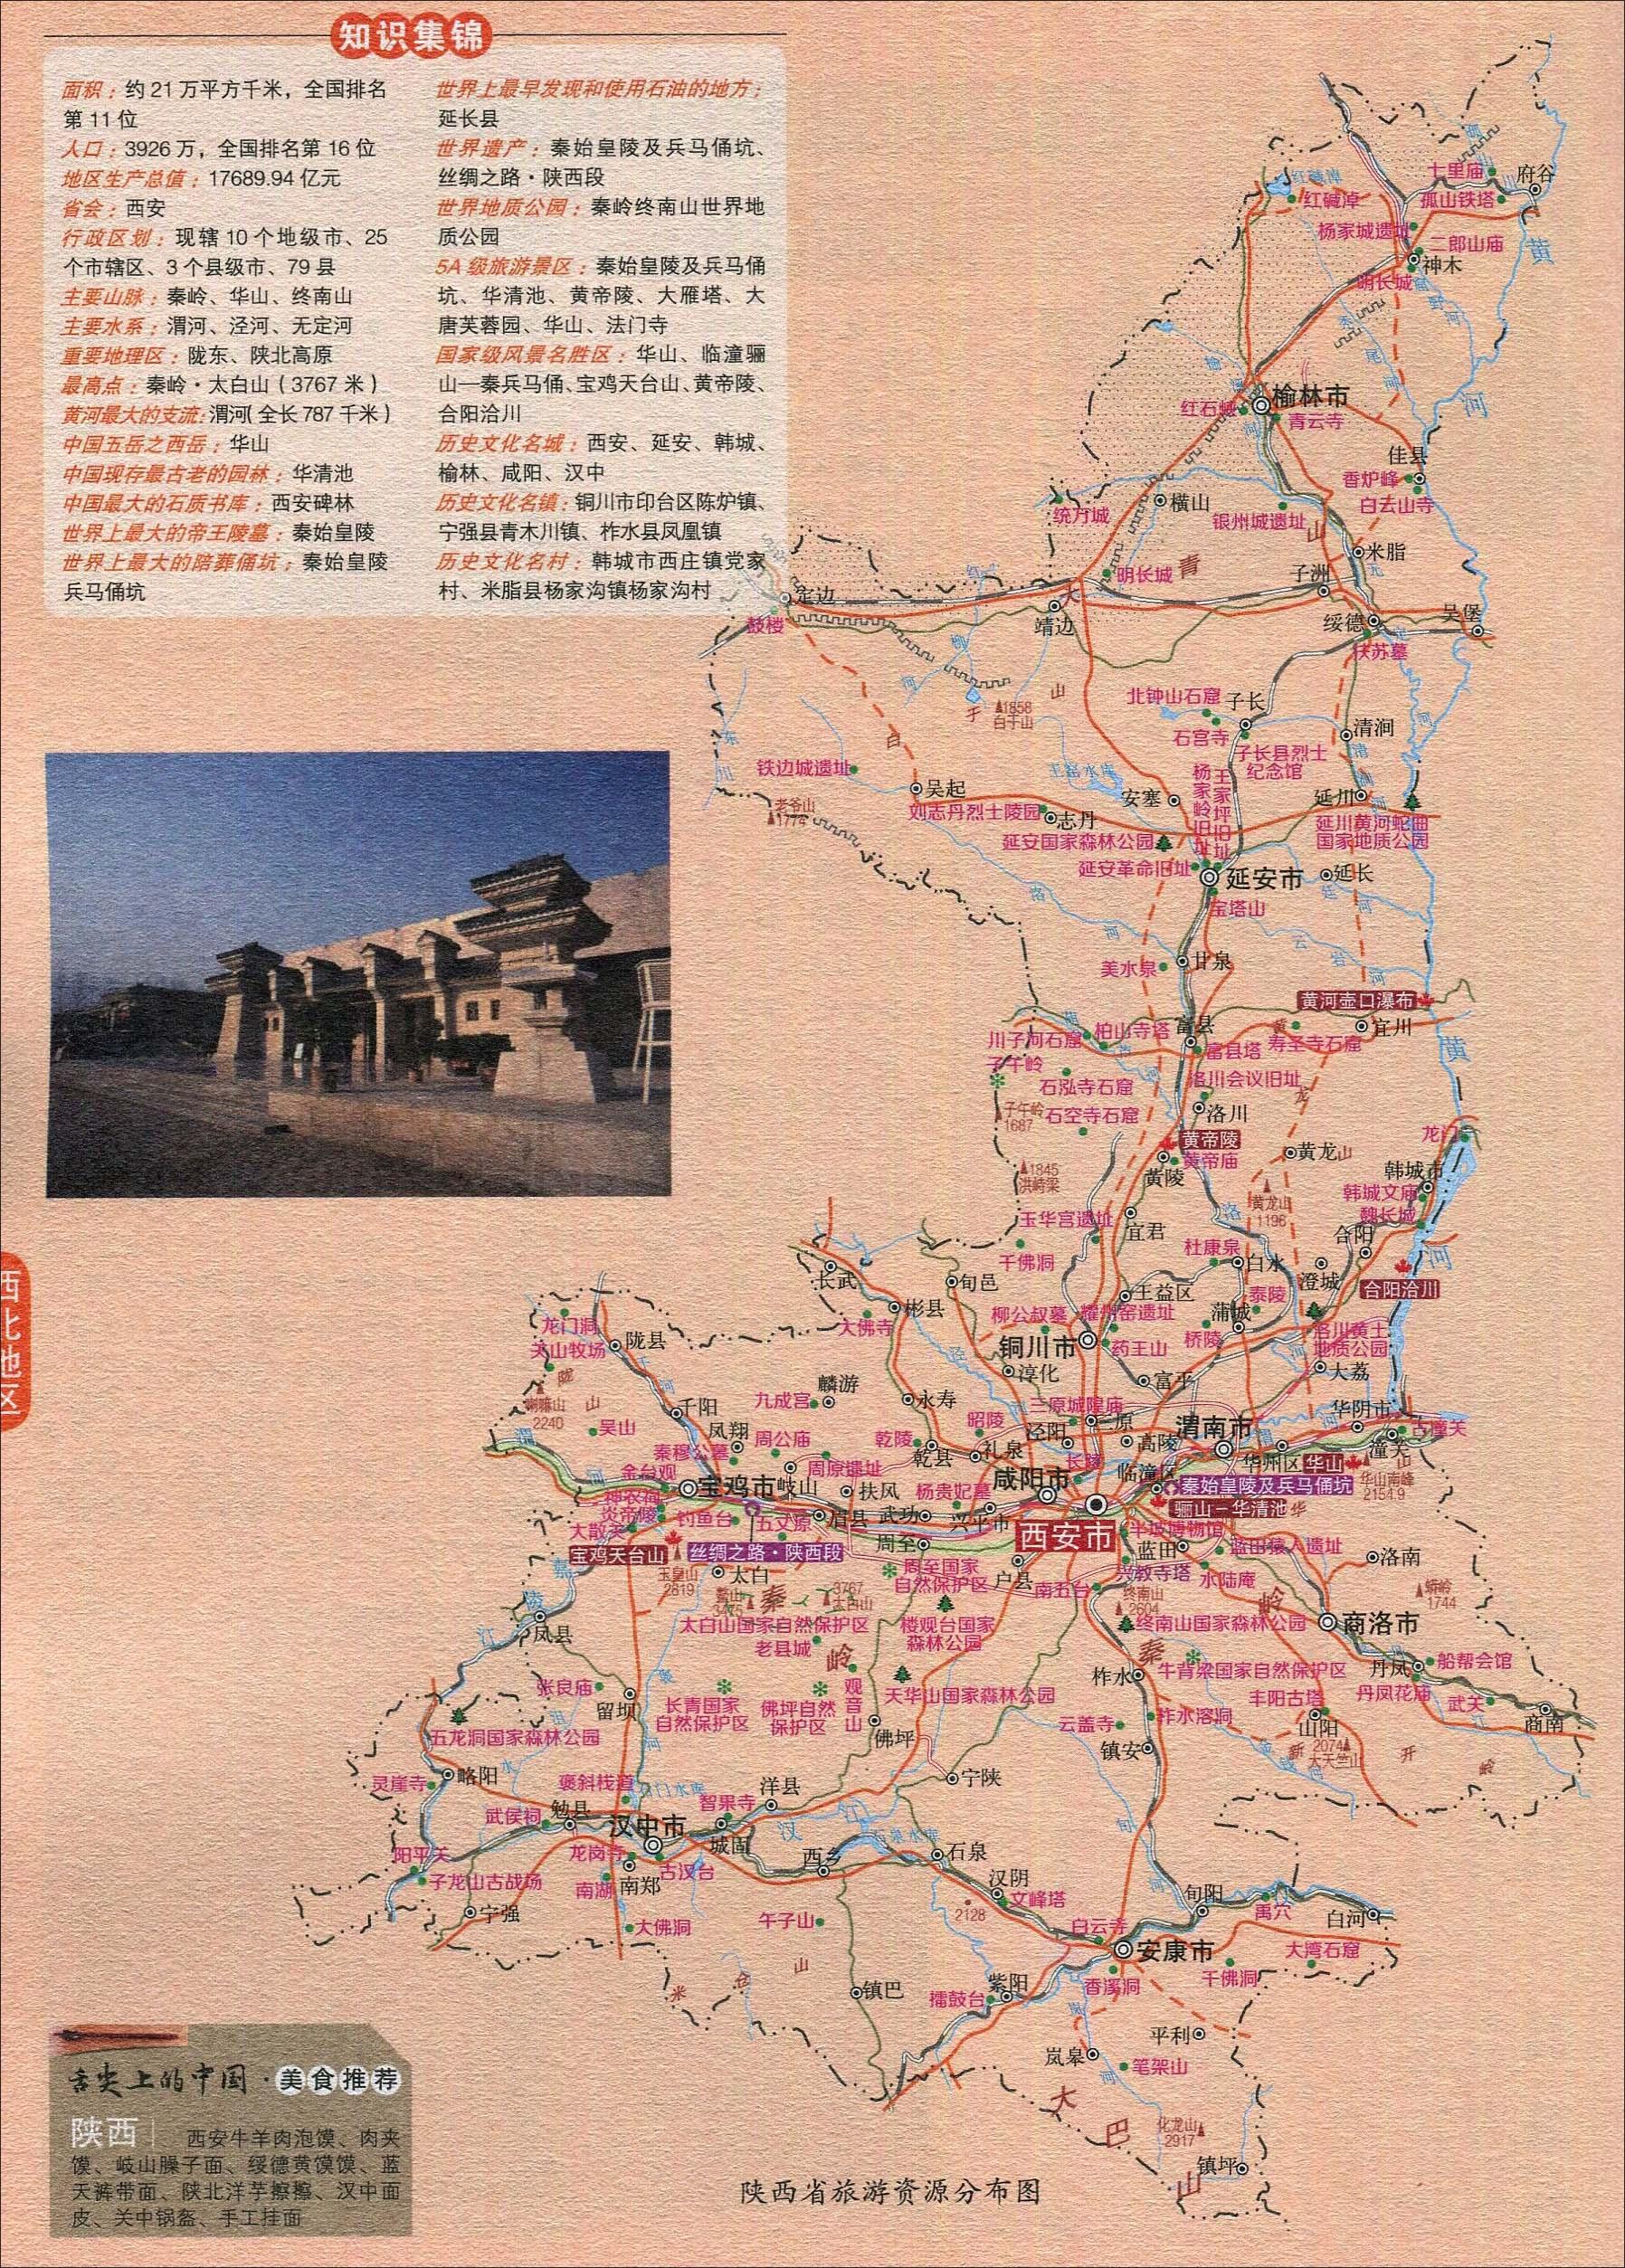 中国旅游景点图_陕西旅游资源分布图_陕西旅游地图库_地图窝